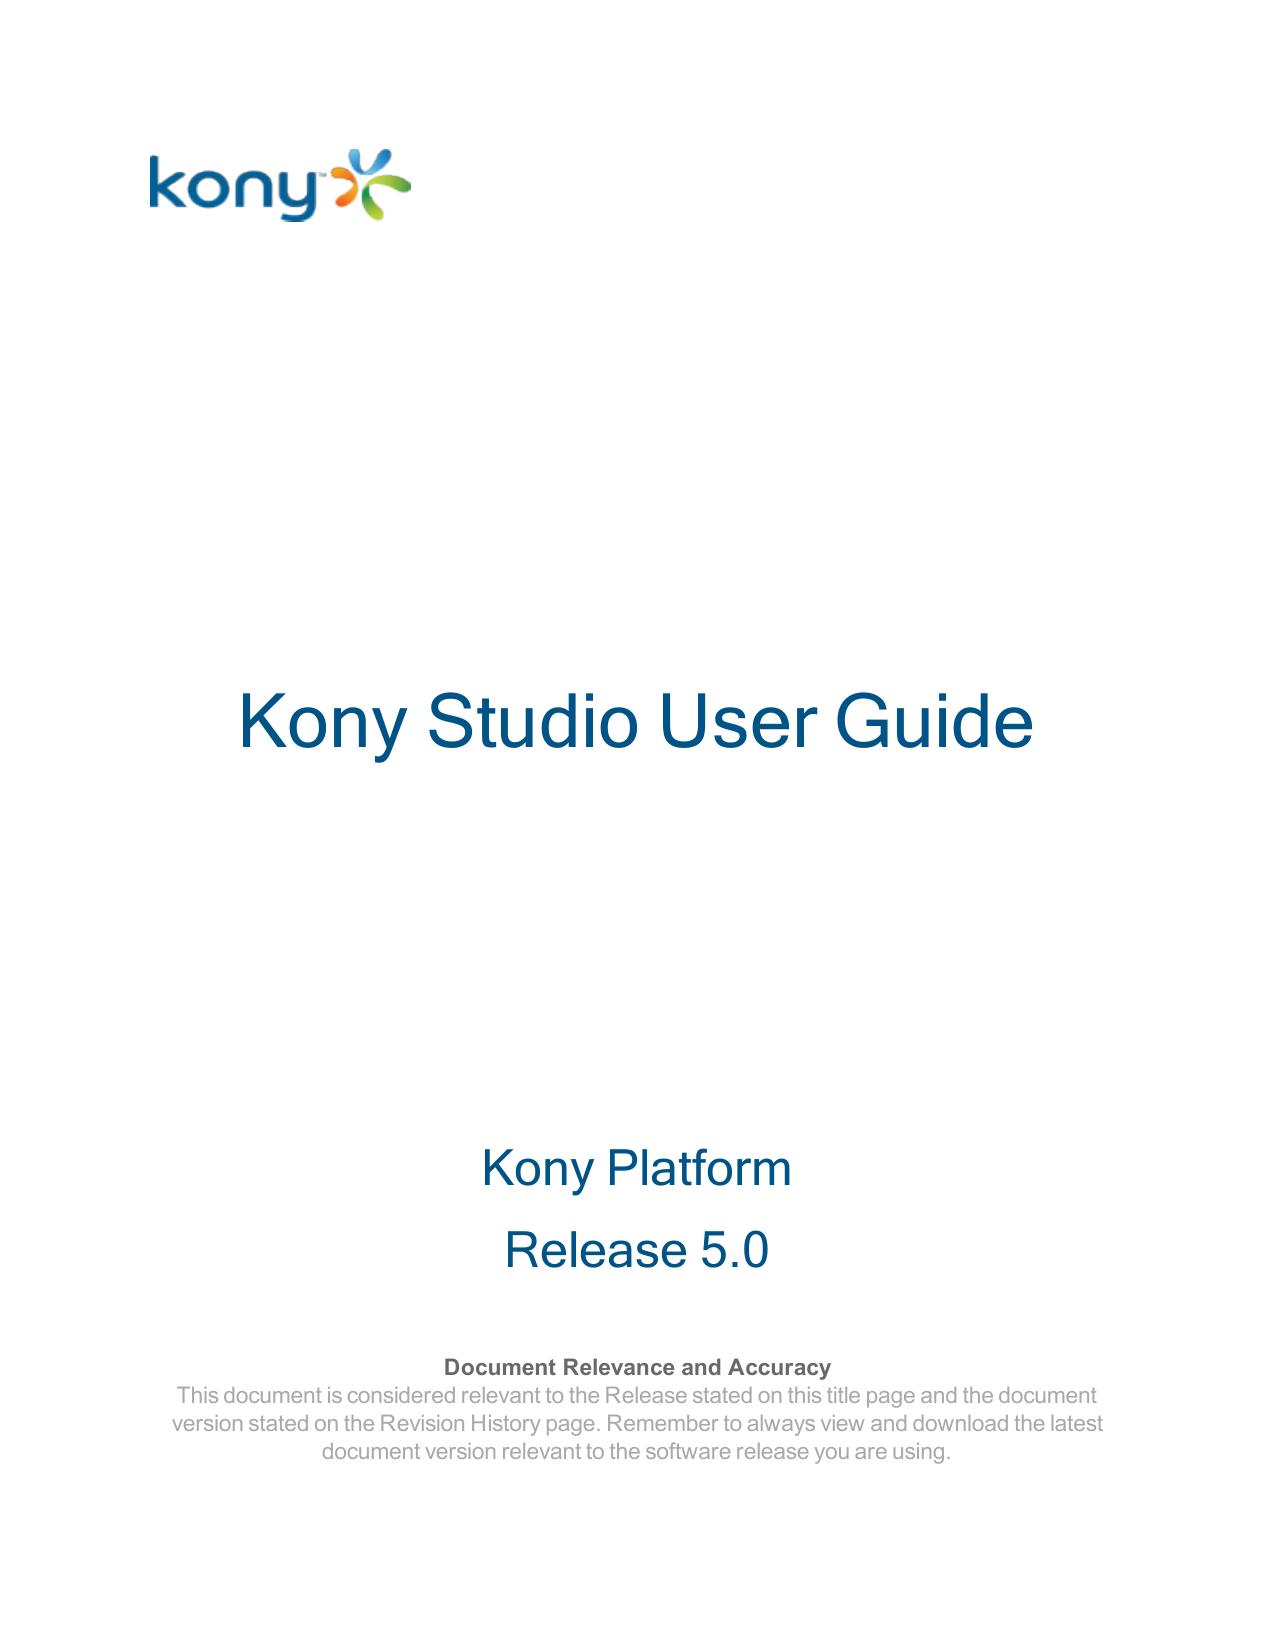 Kony Studio User Guide ver 5 0 | manualzz com